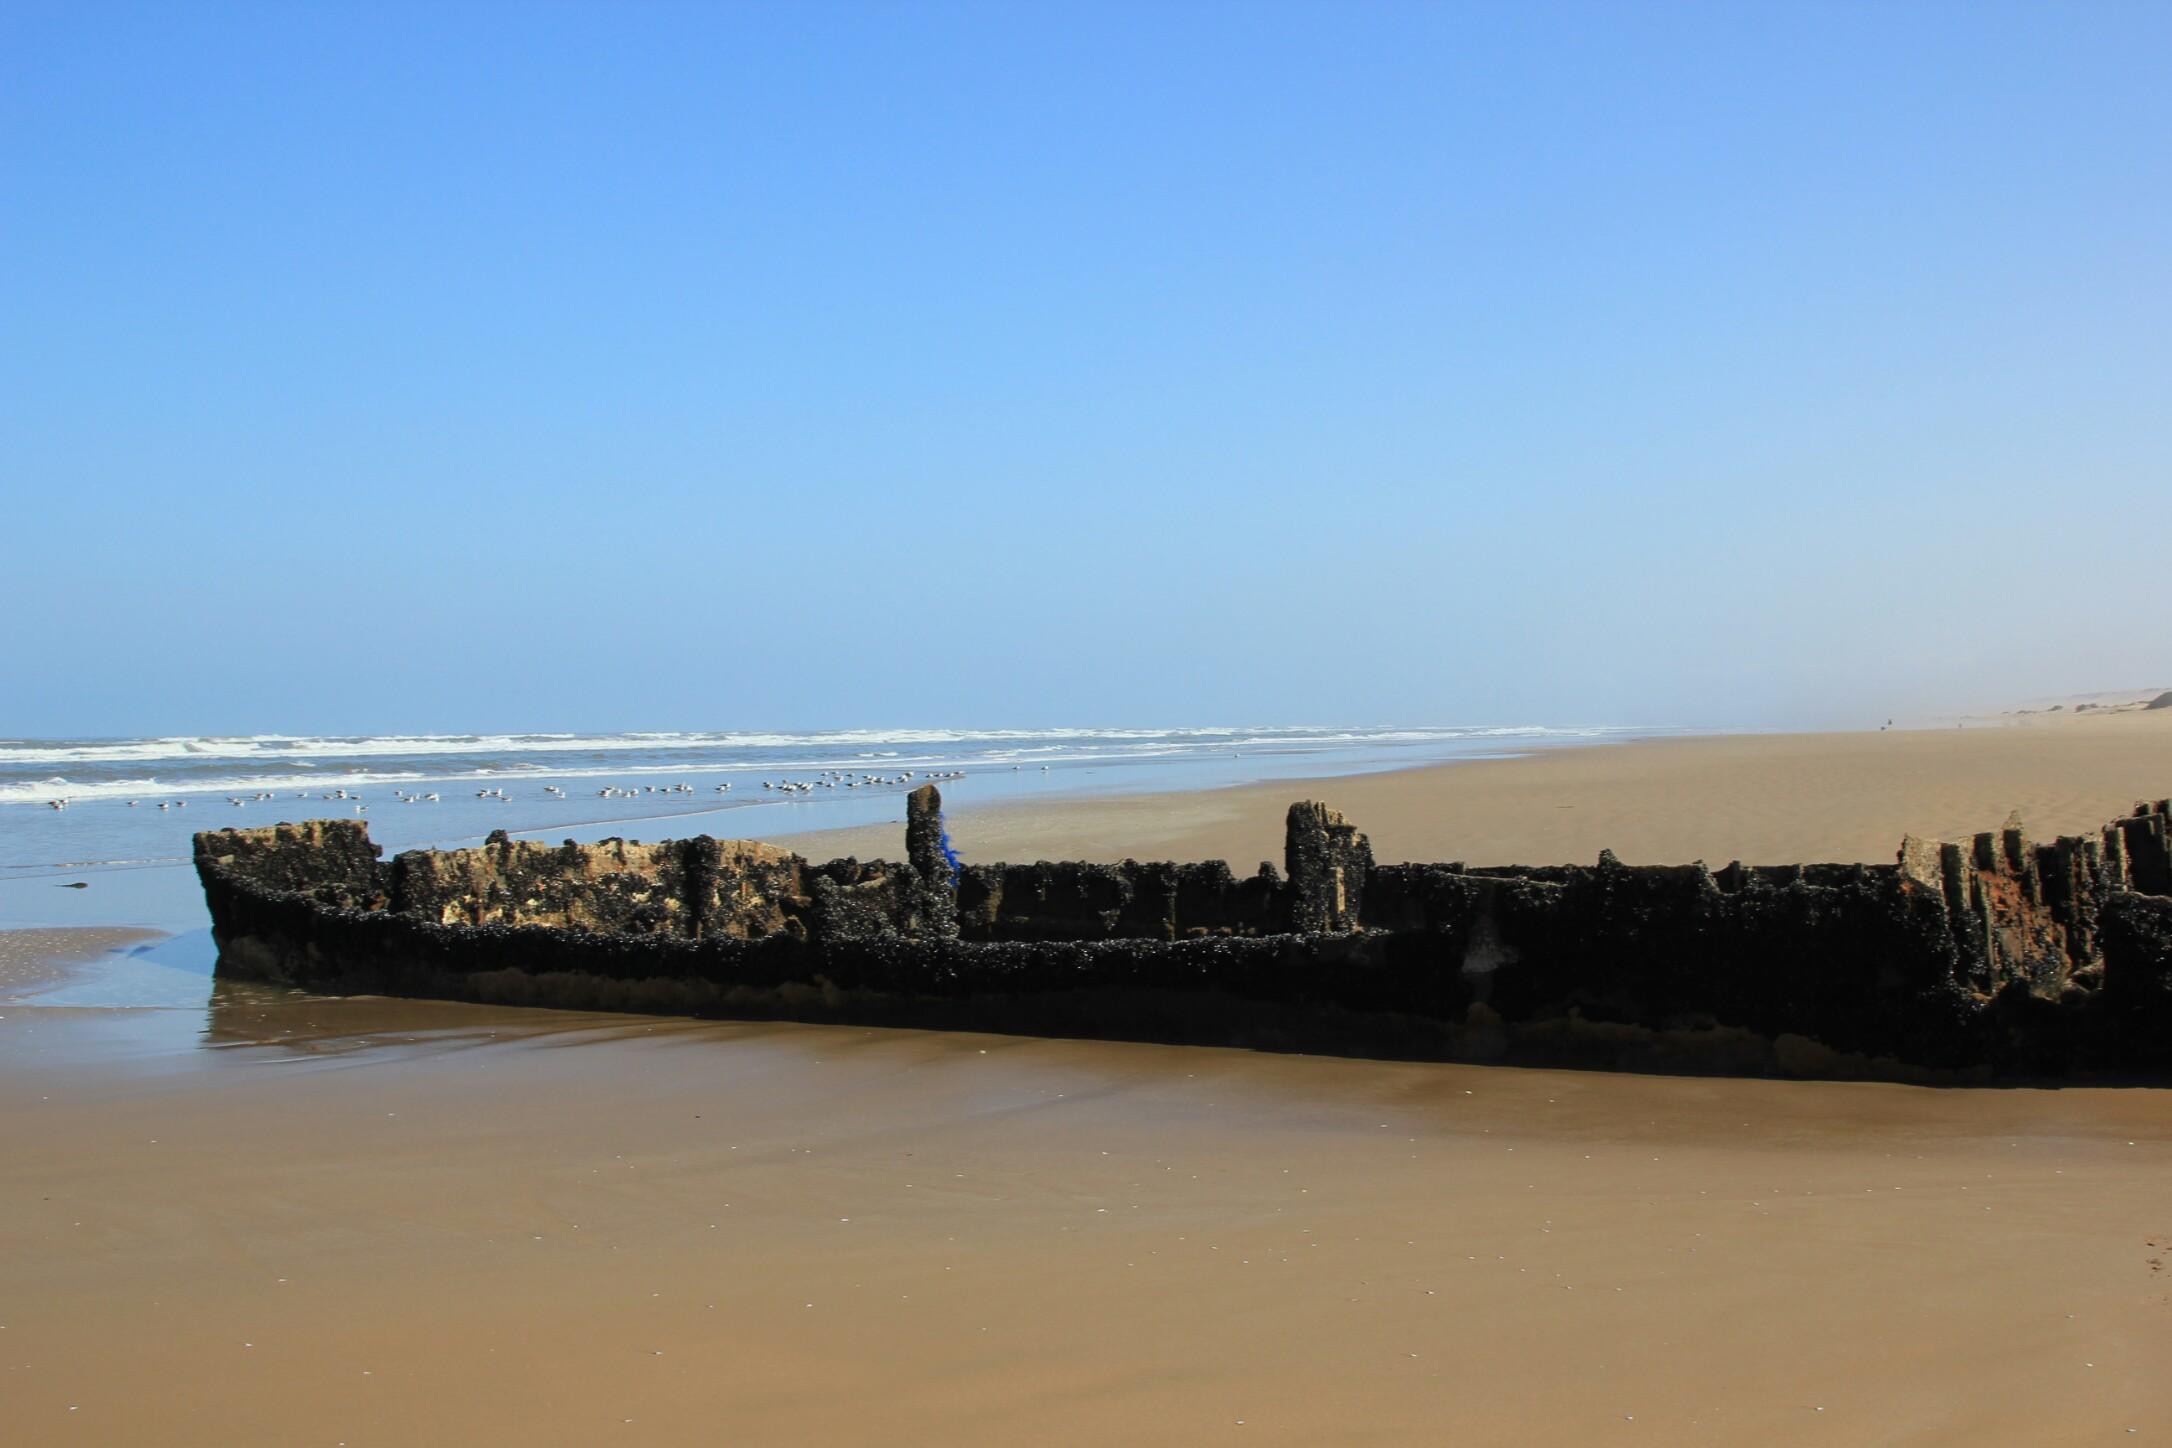 Wrak statku na plaży.Fort Aoreora.Maroko.